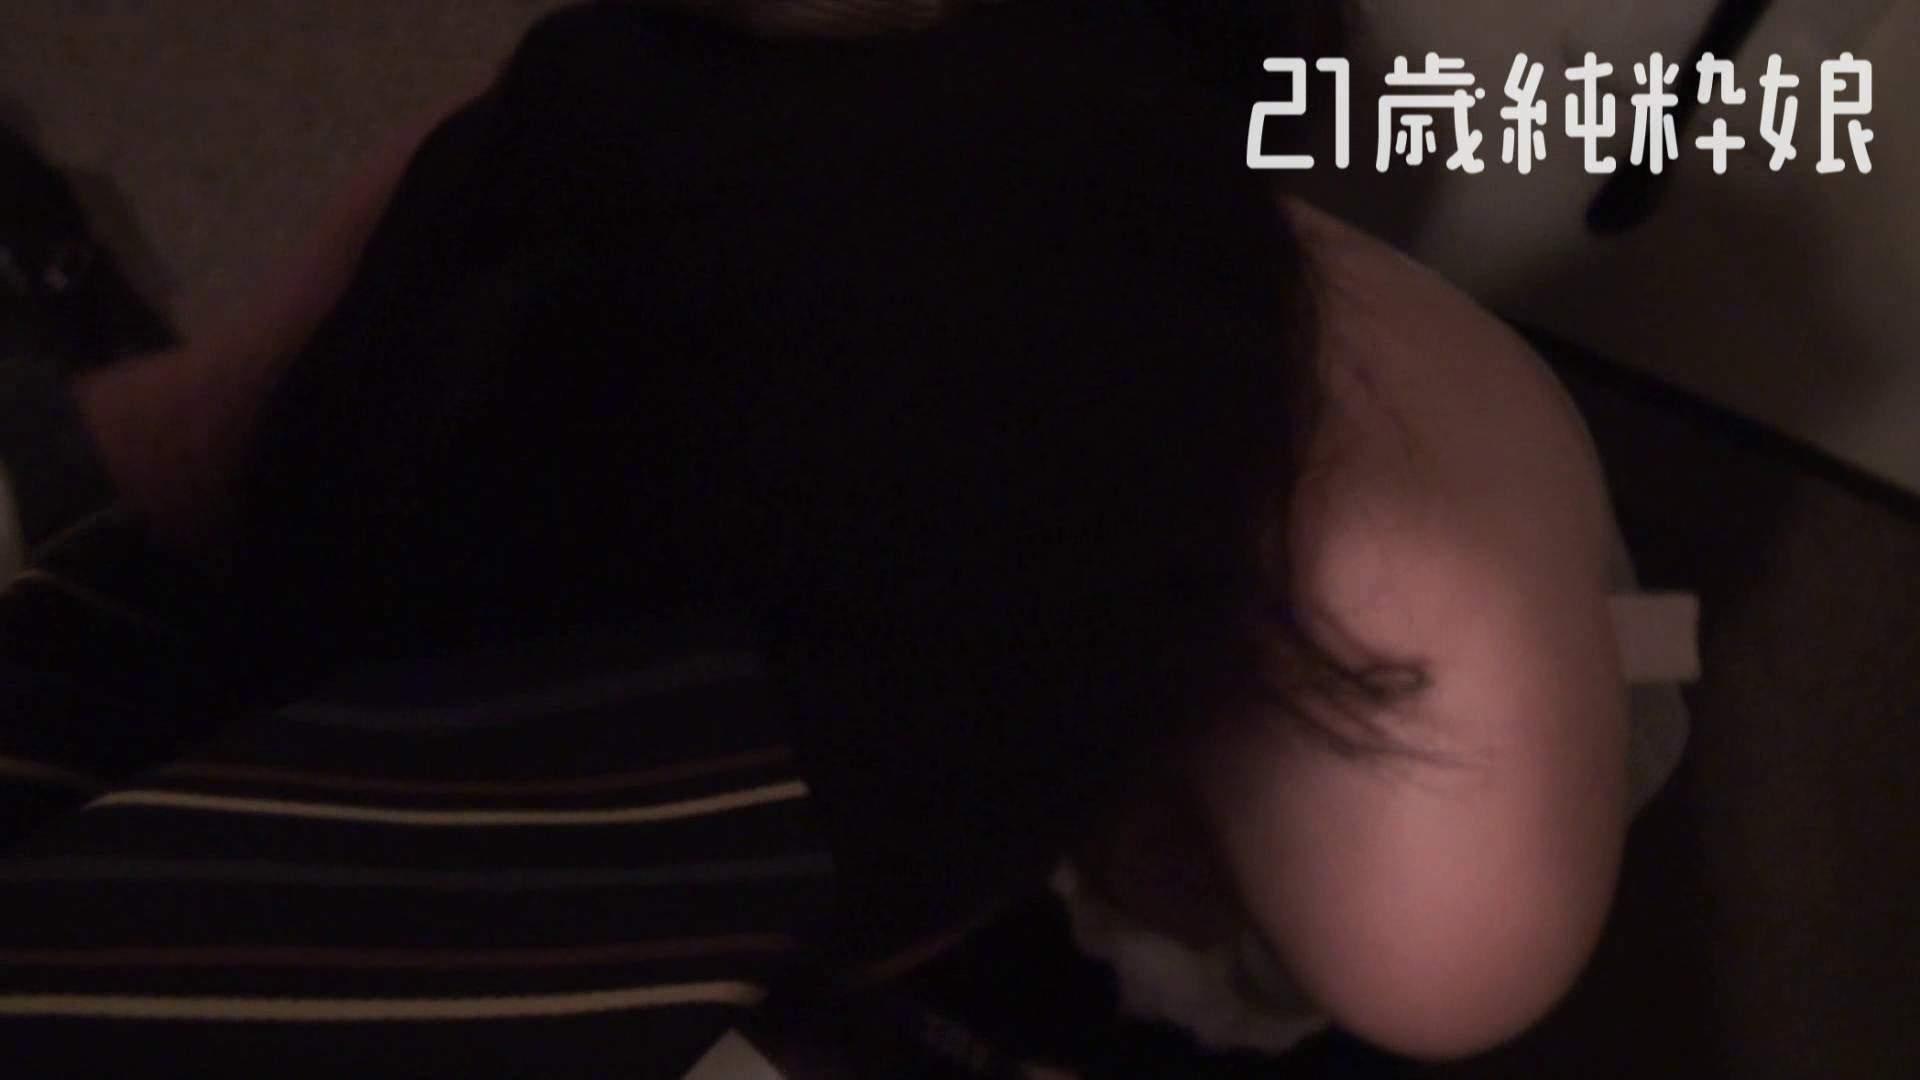 上京したばかりのGカップ21歳純粋嬢を都合の良い女にしてみた 投稿  52連発 50